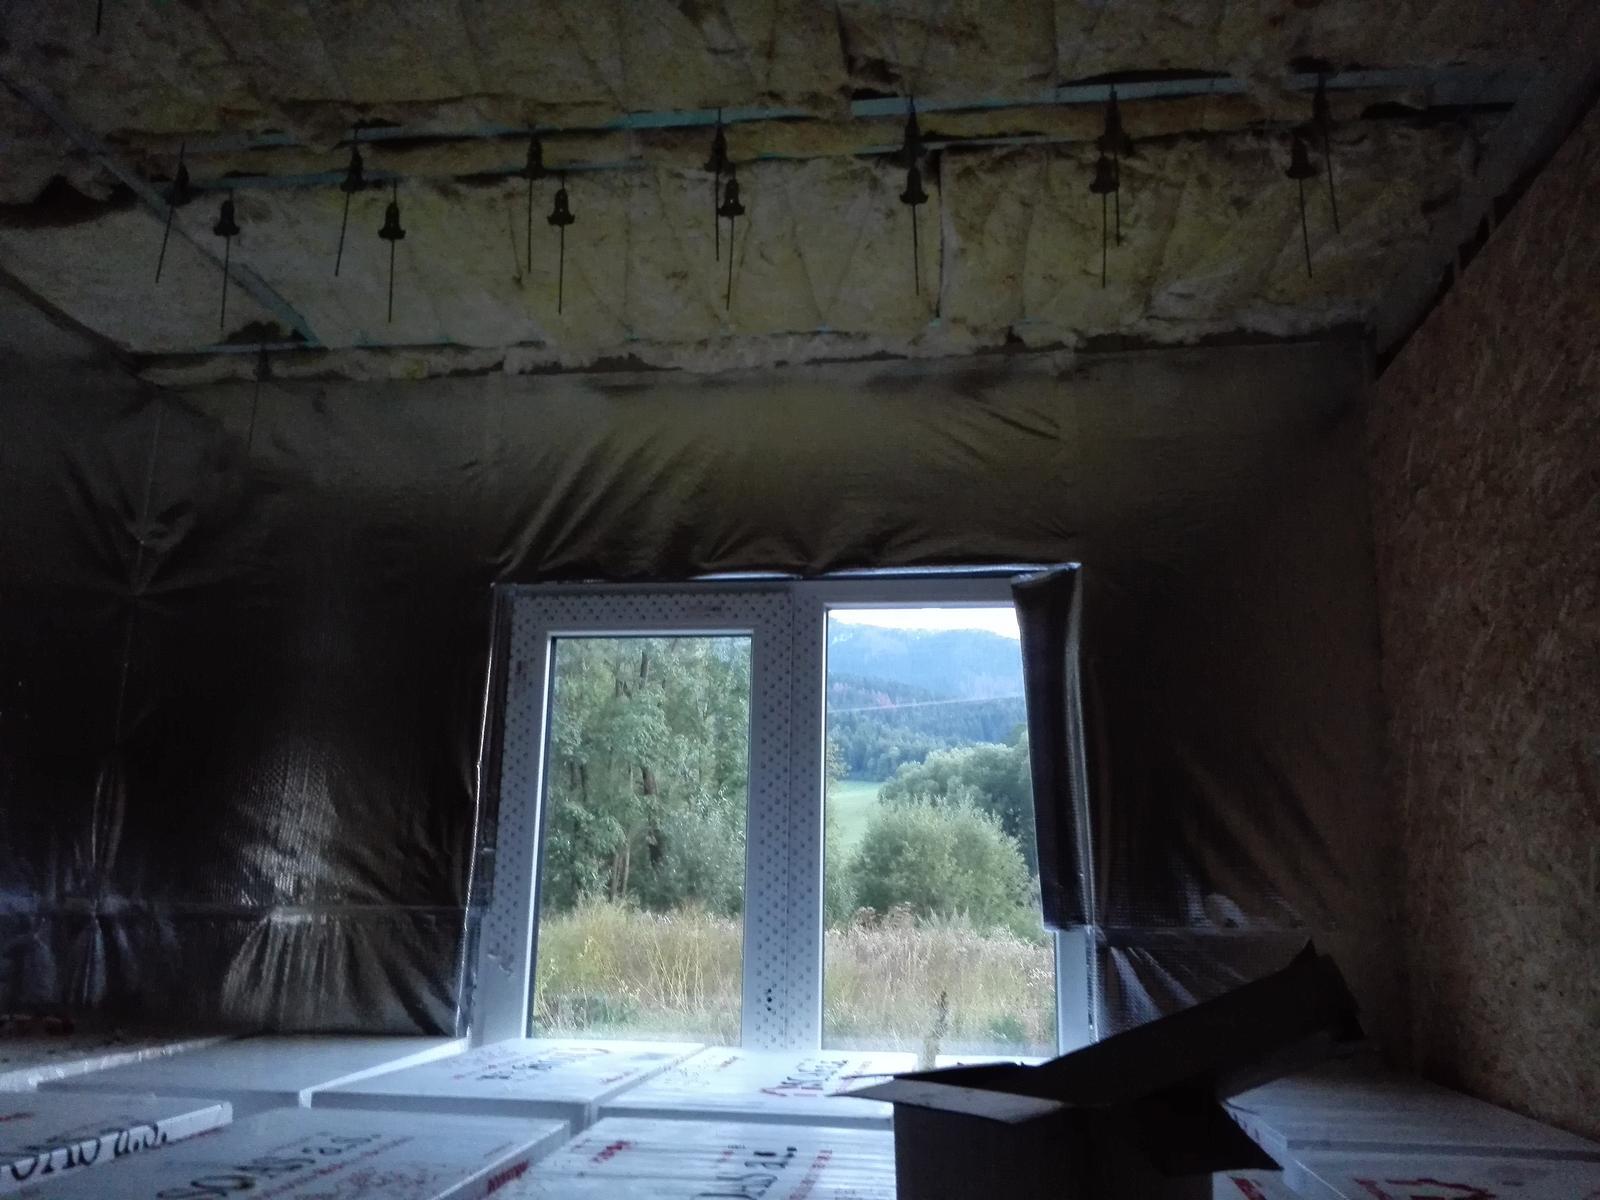 Keď si zmyslíme stavať dom - Robí sa konštrukcia na sadrokartóny